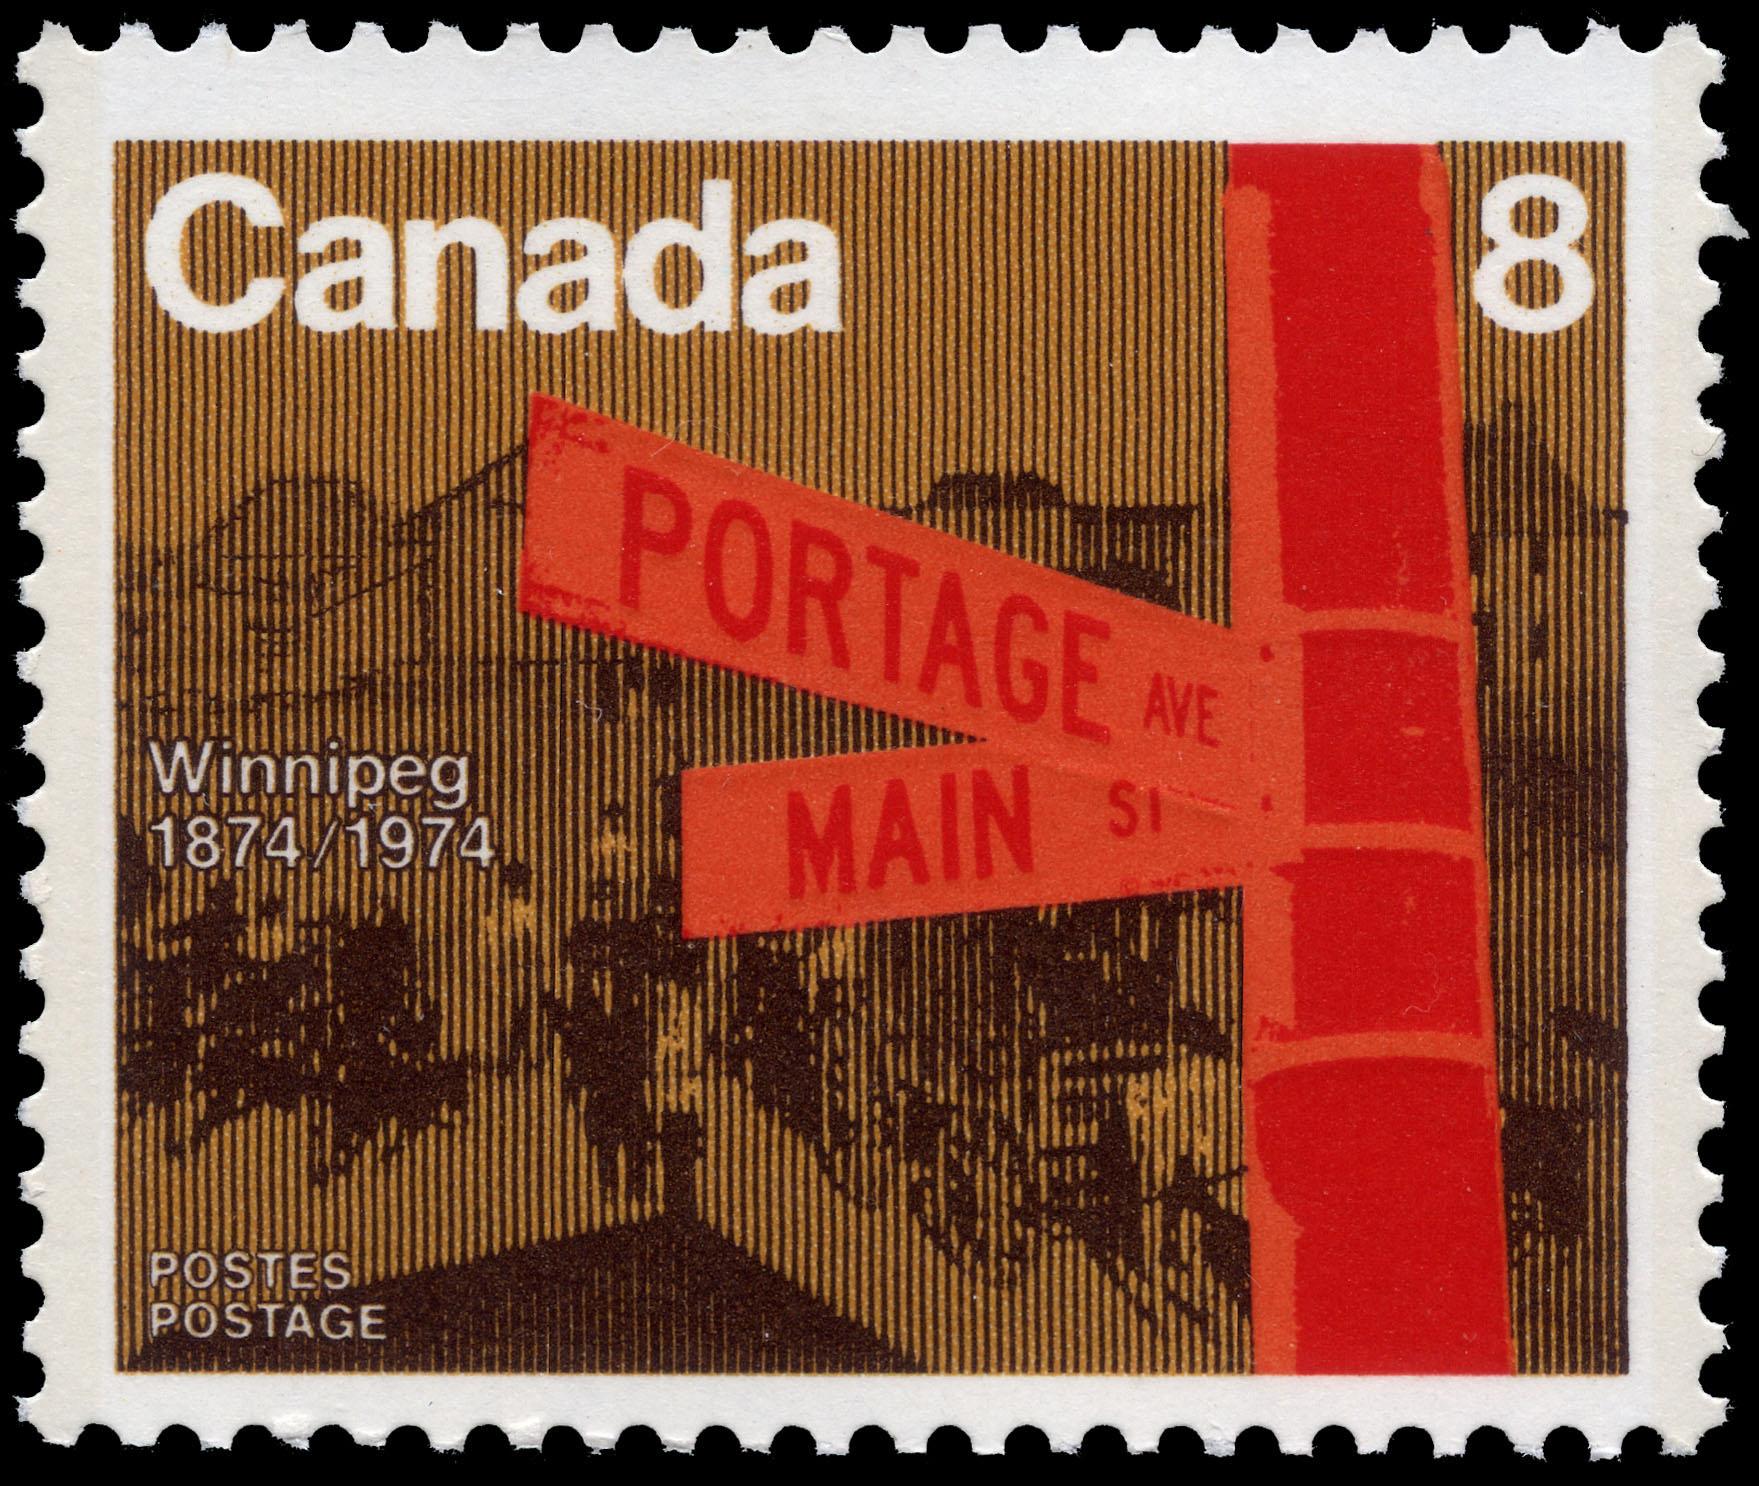 Winnipeg, 1874-1974 Canada Postage Stamp